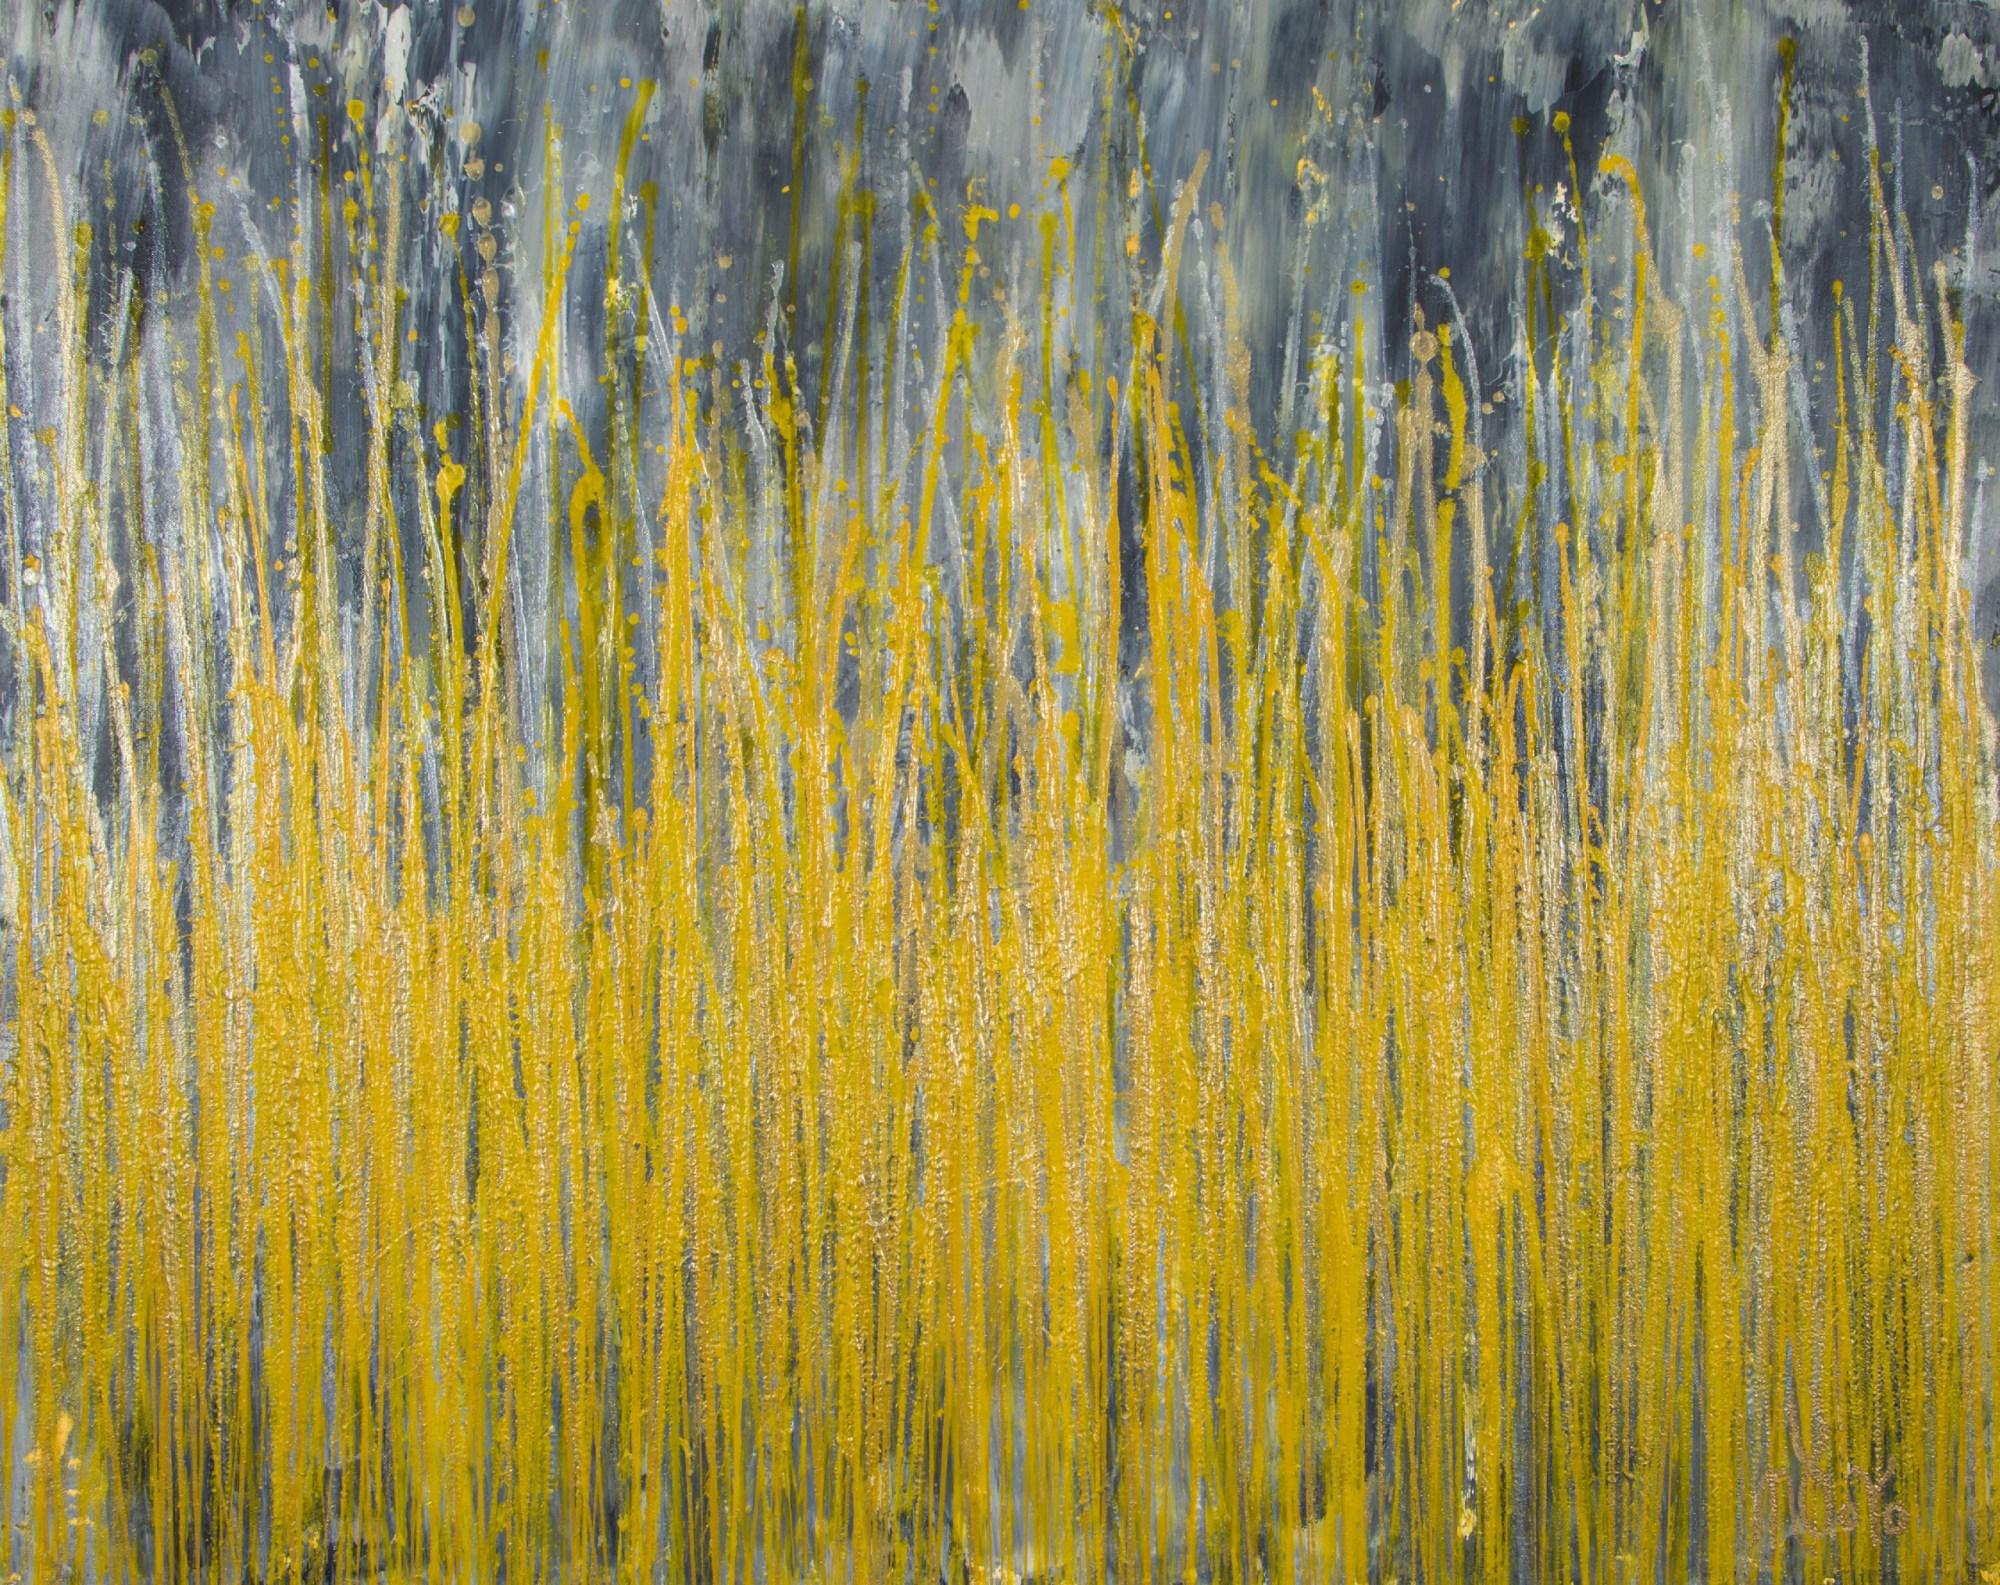 SOLD - Garden In Motion 4 (Autumn) (2020) by Nestor Toro